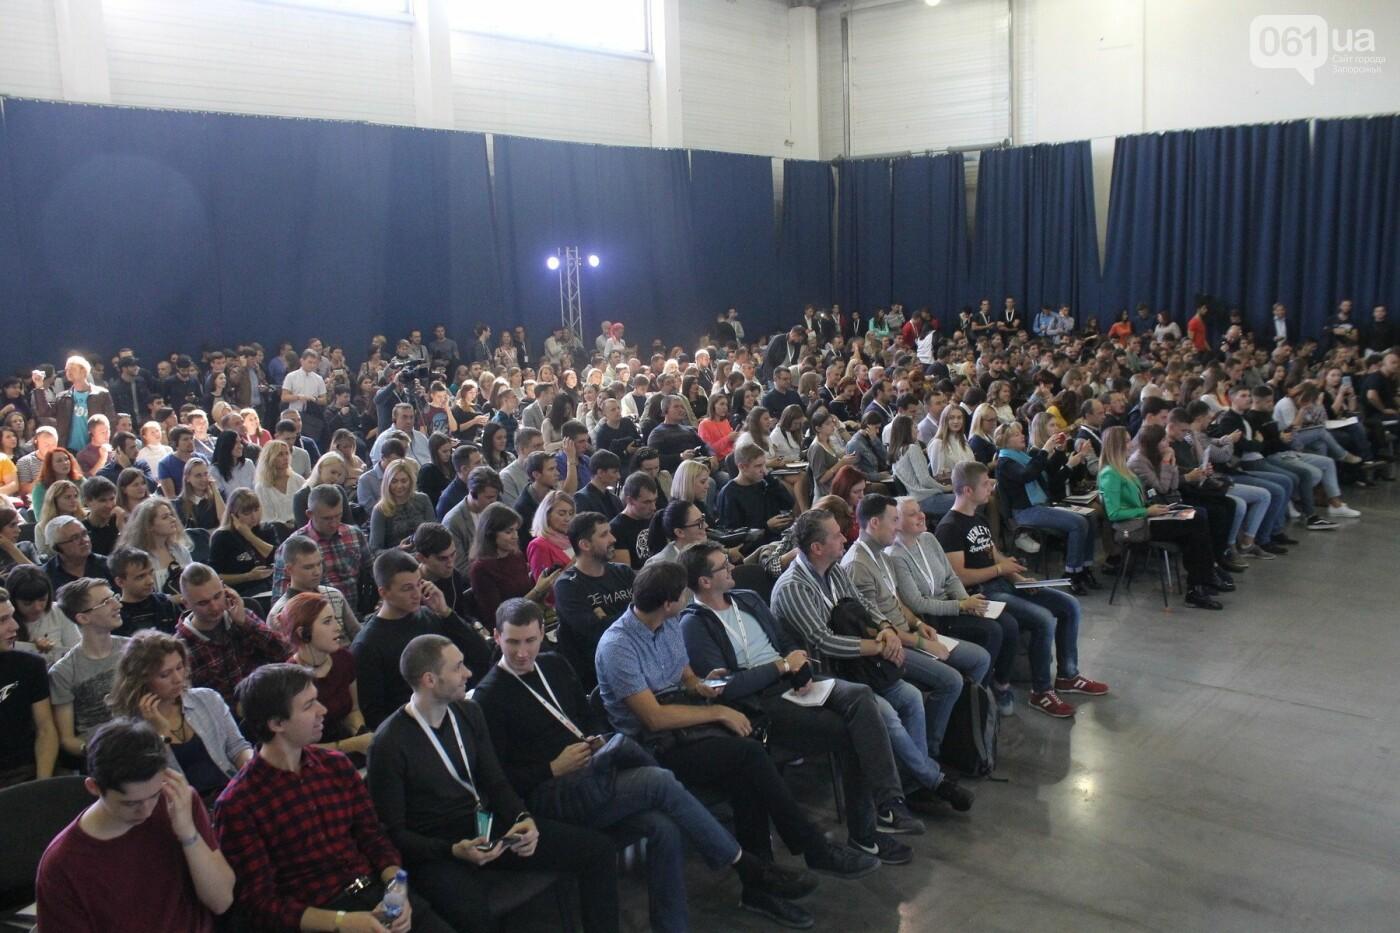 Роботы, киберспорт и спикеры-иностранцы: в Запорожье начался International IT Forum, – ФОТОРЕПОРТАЖ, фото-23